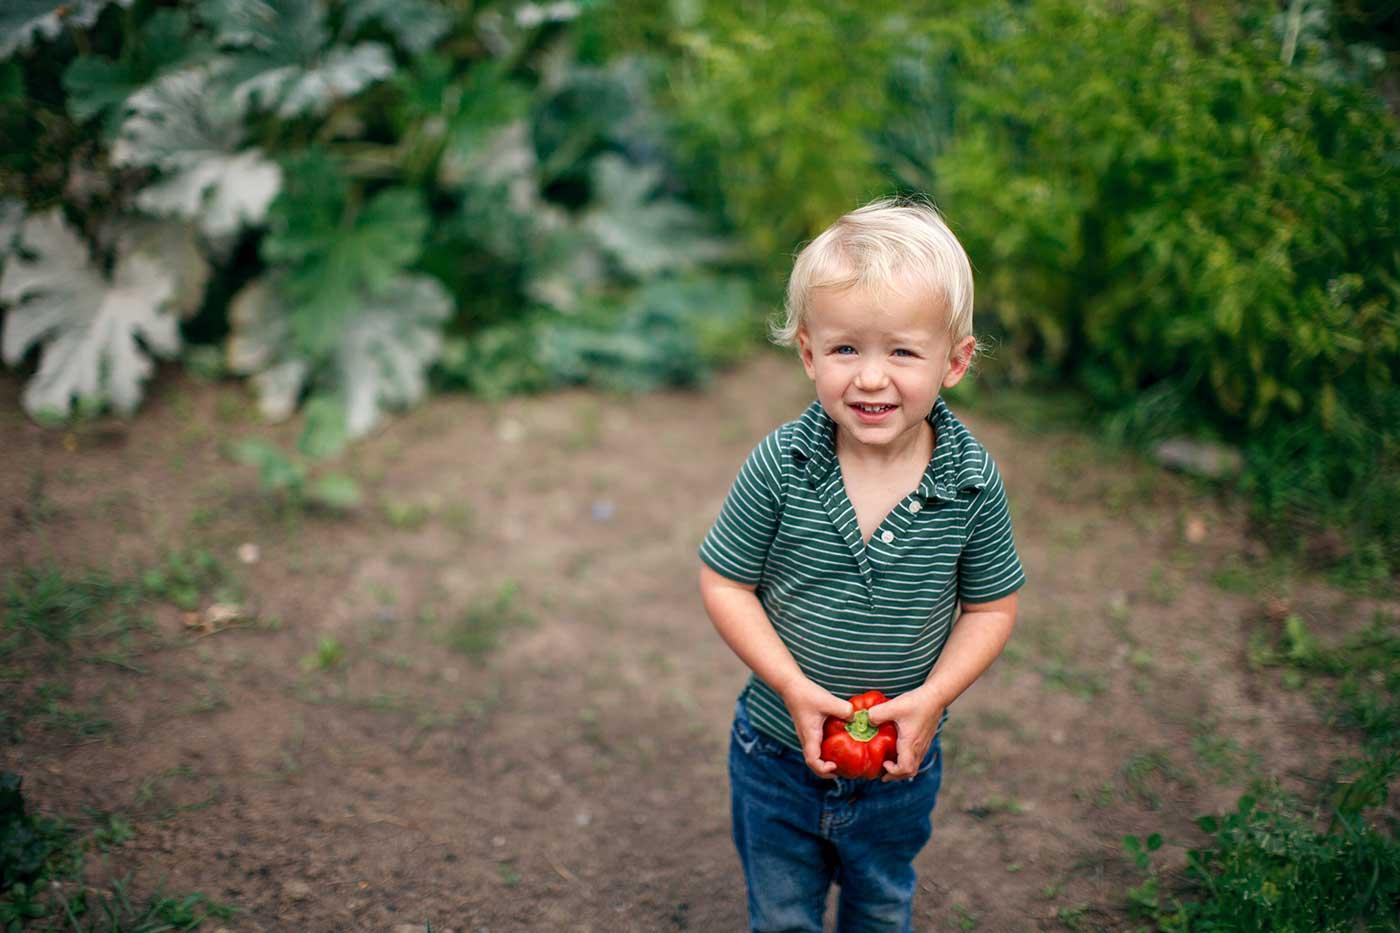 Little boy outside in a garden